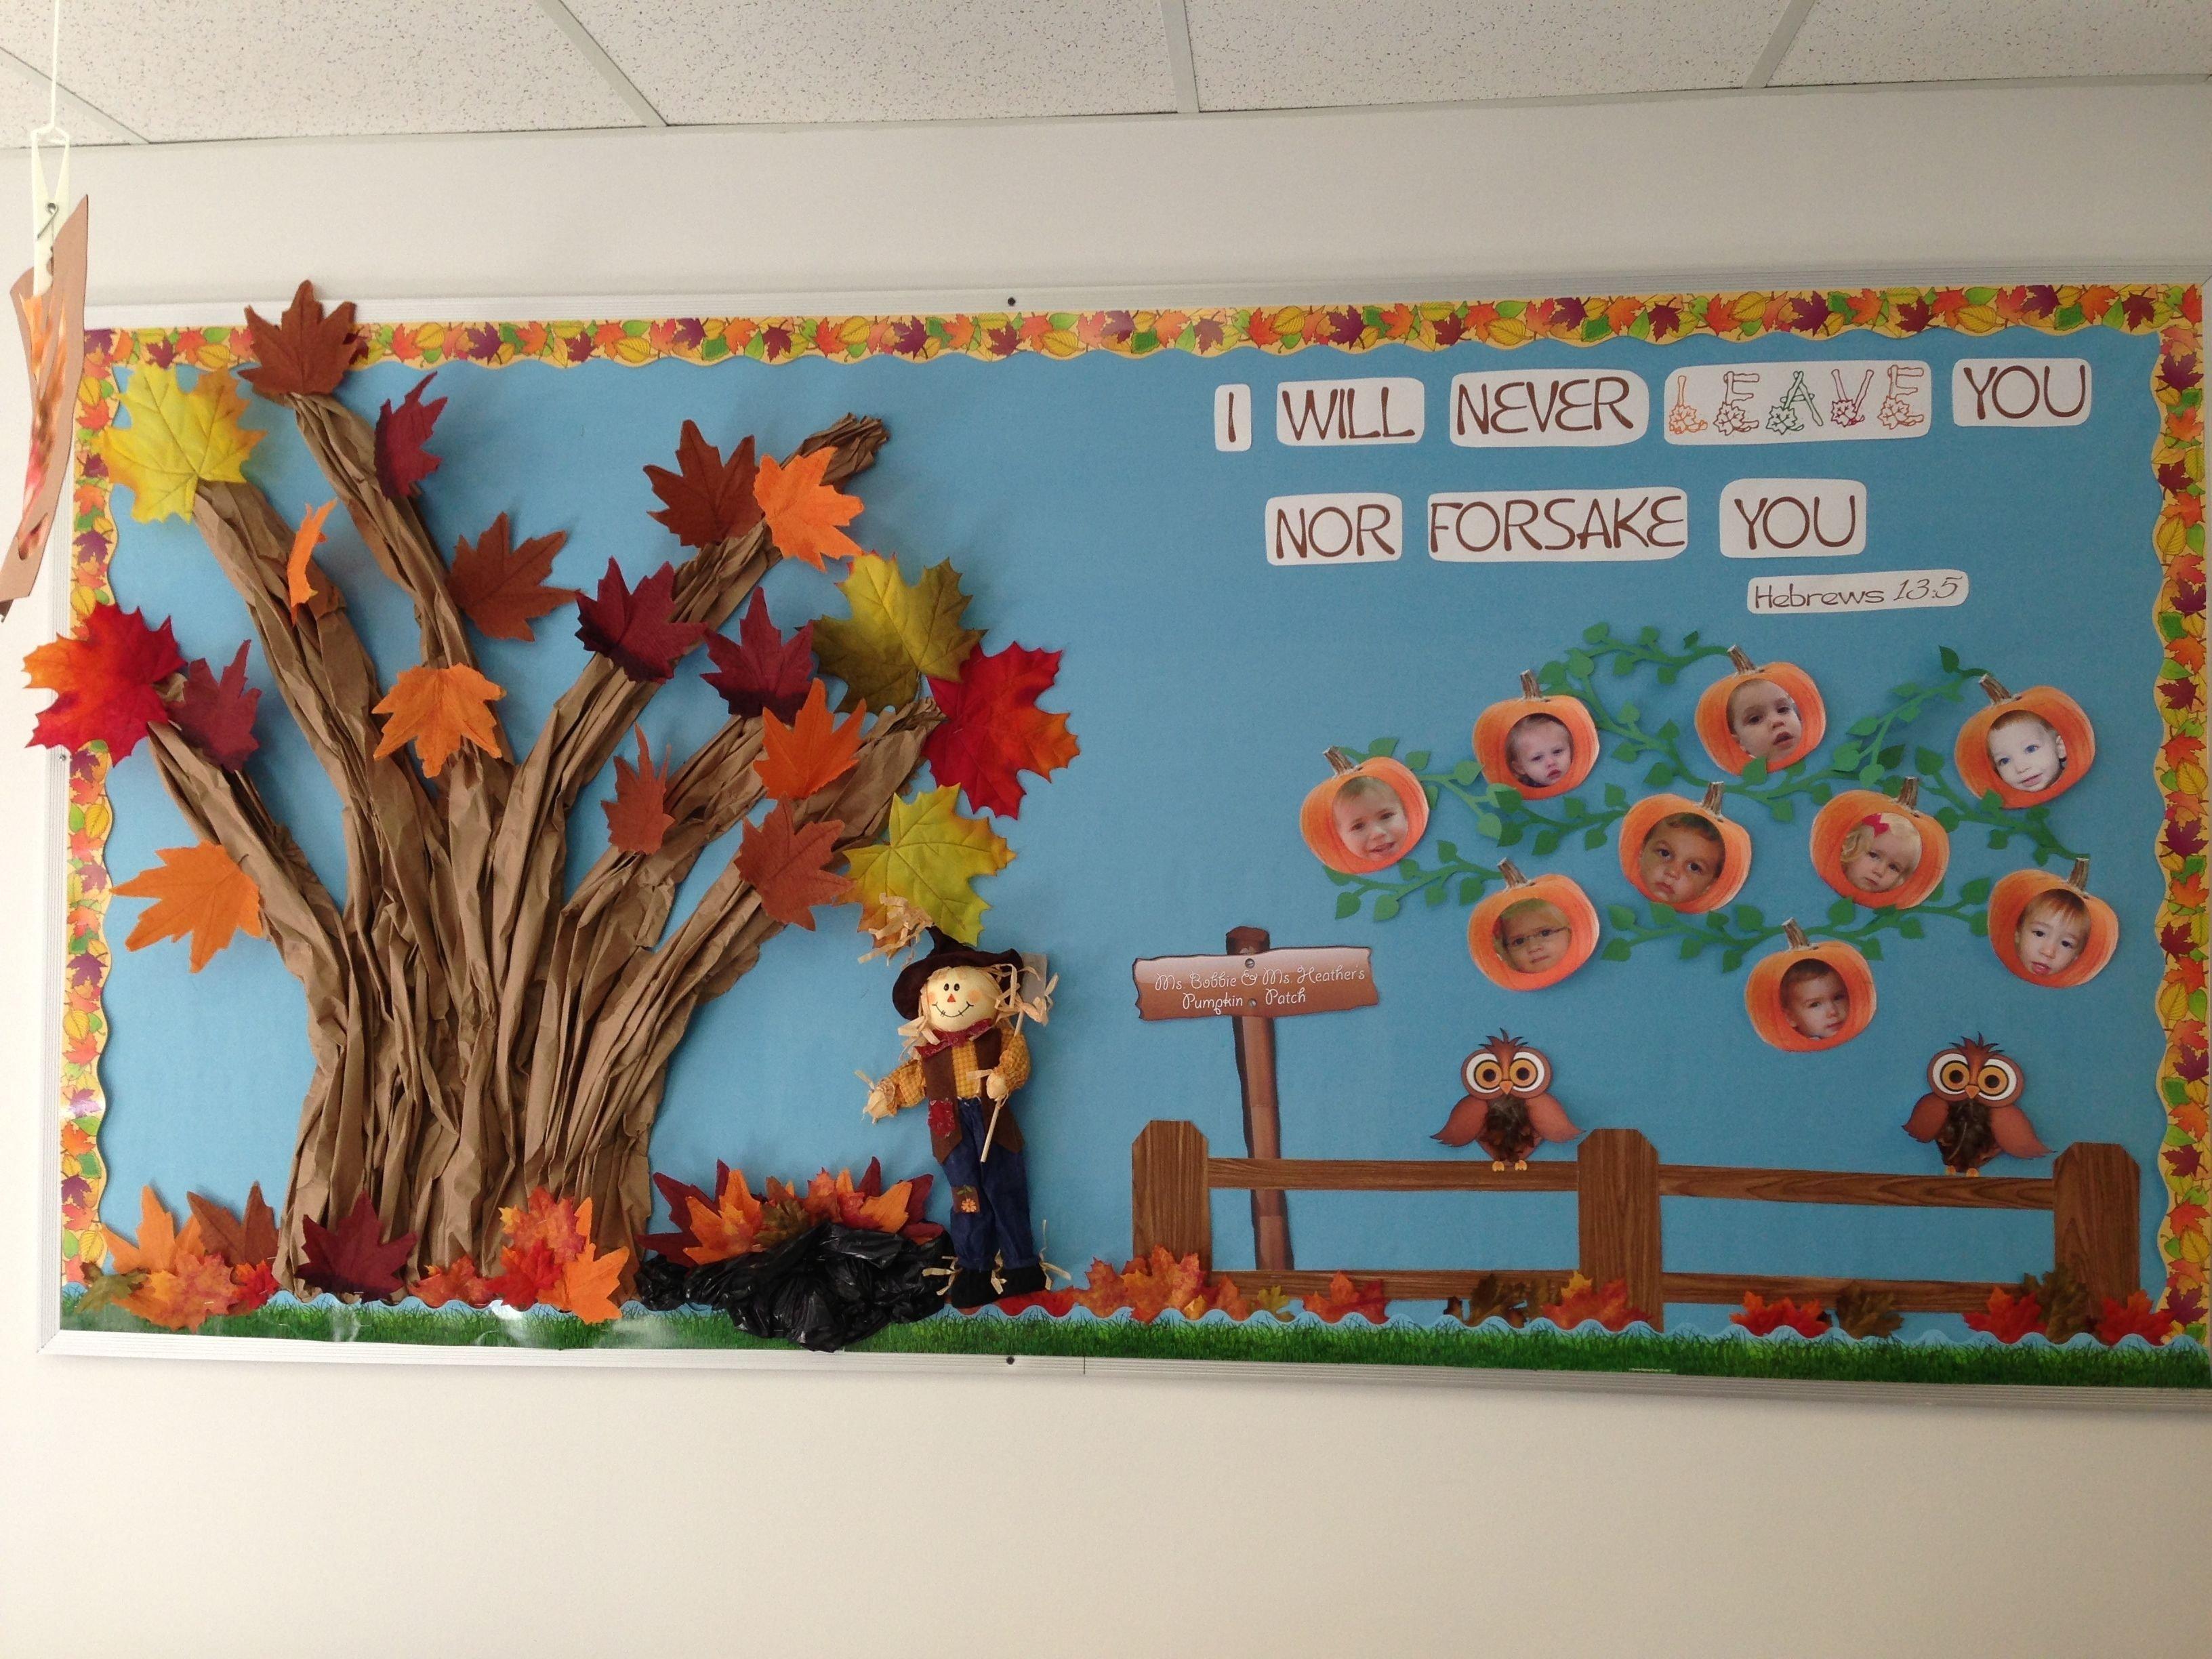 10 Great Pumpkin Patch Bulletin Board Ideas pumpkin patch bulletin board for a church preschool fall preschool 2021